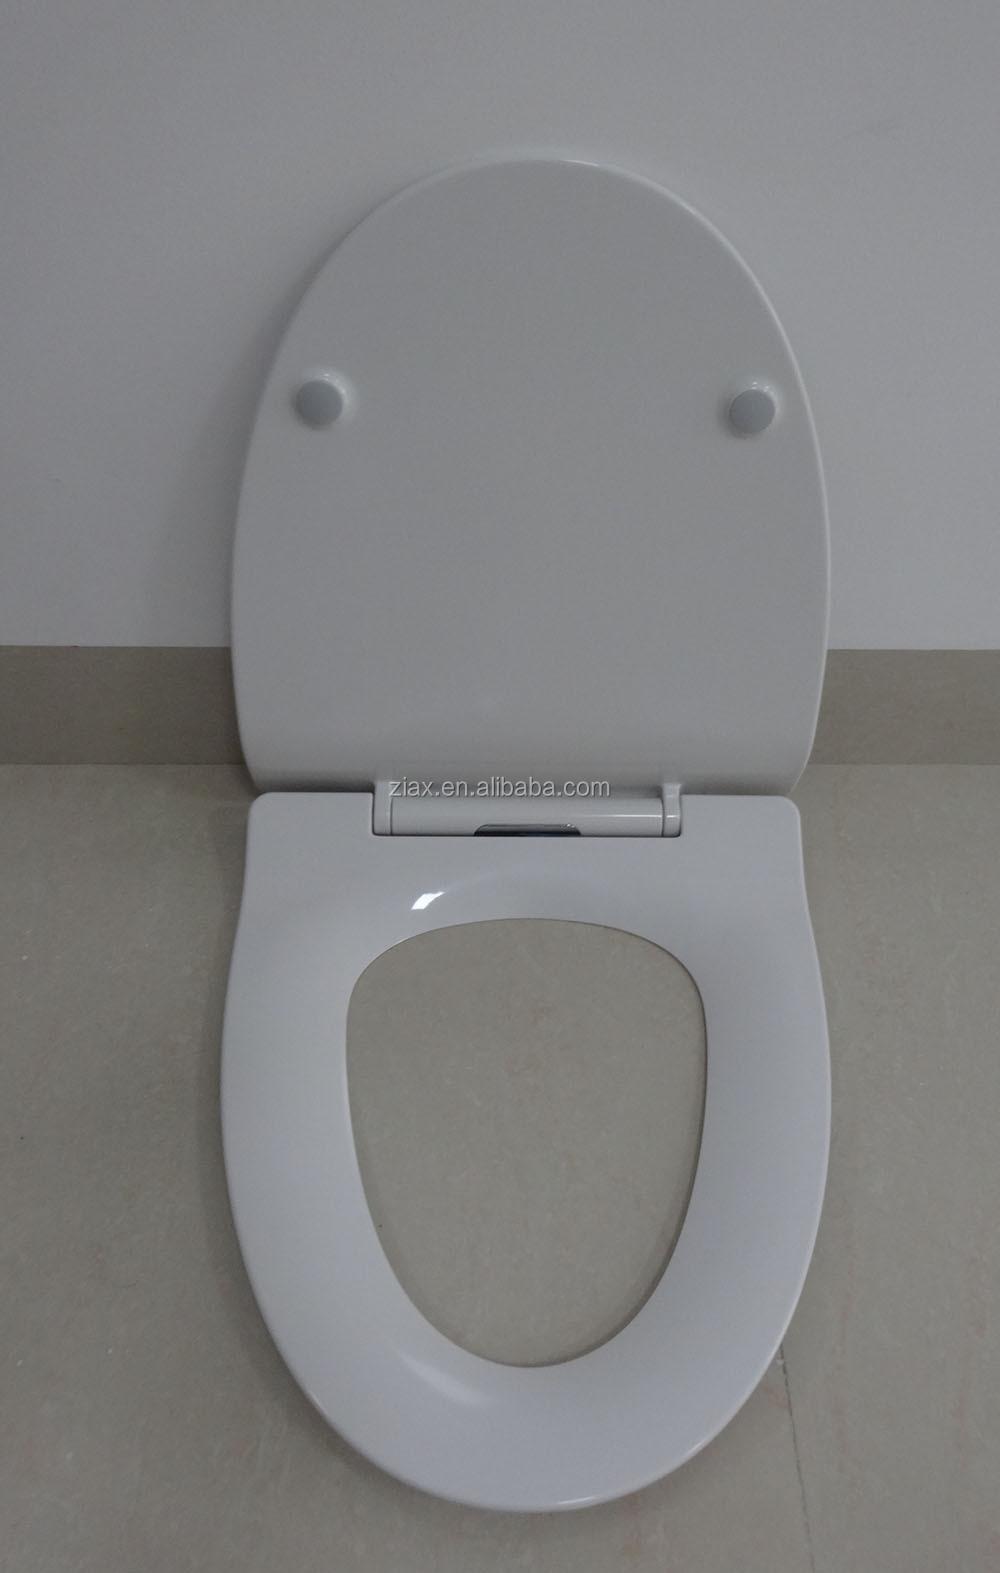 Duroplast Ifo Slim Design Cera Toilet Seat Buy Cera